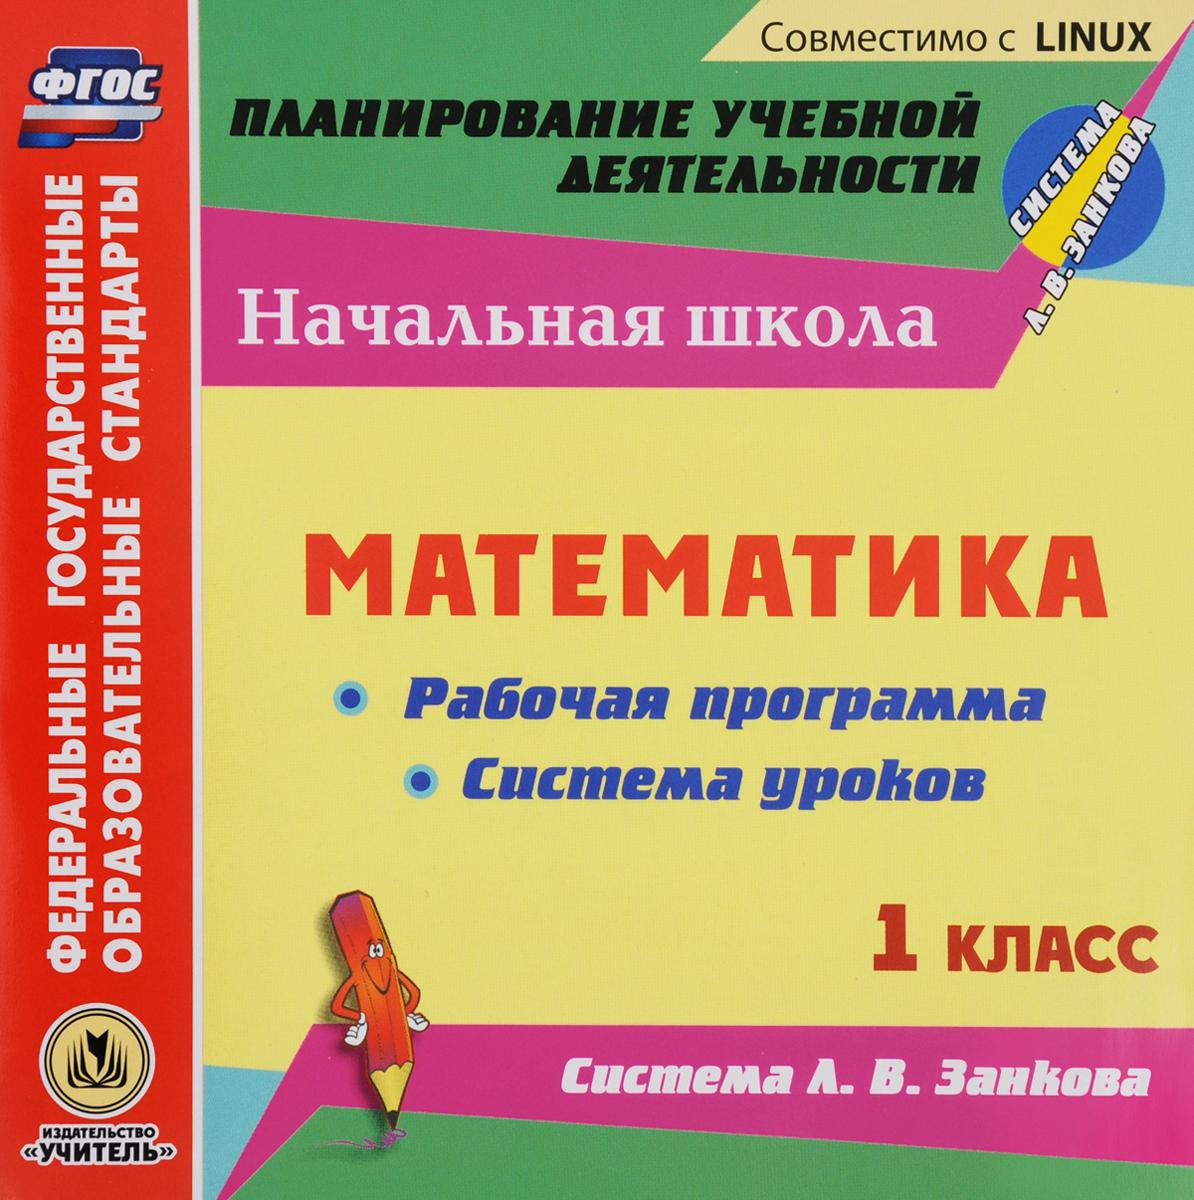 Математика. 1 класс. Рабочая программа и система уроков по системе Л. В. Занкова